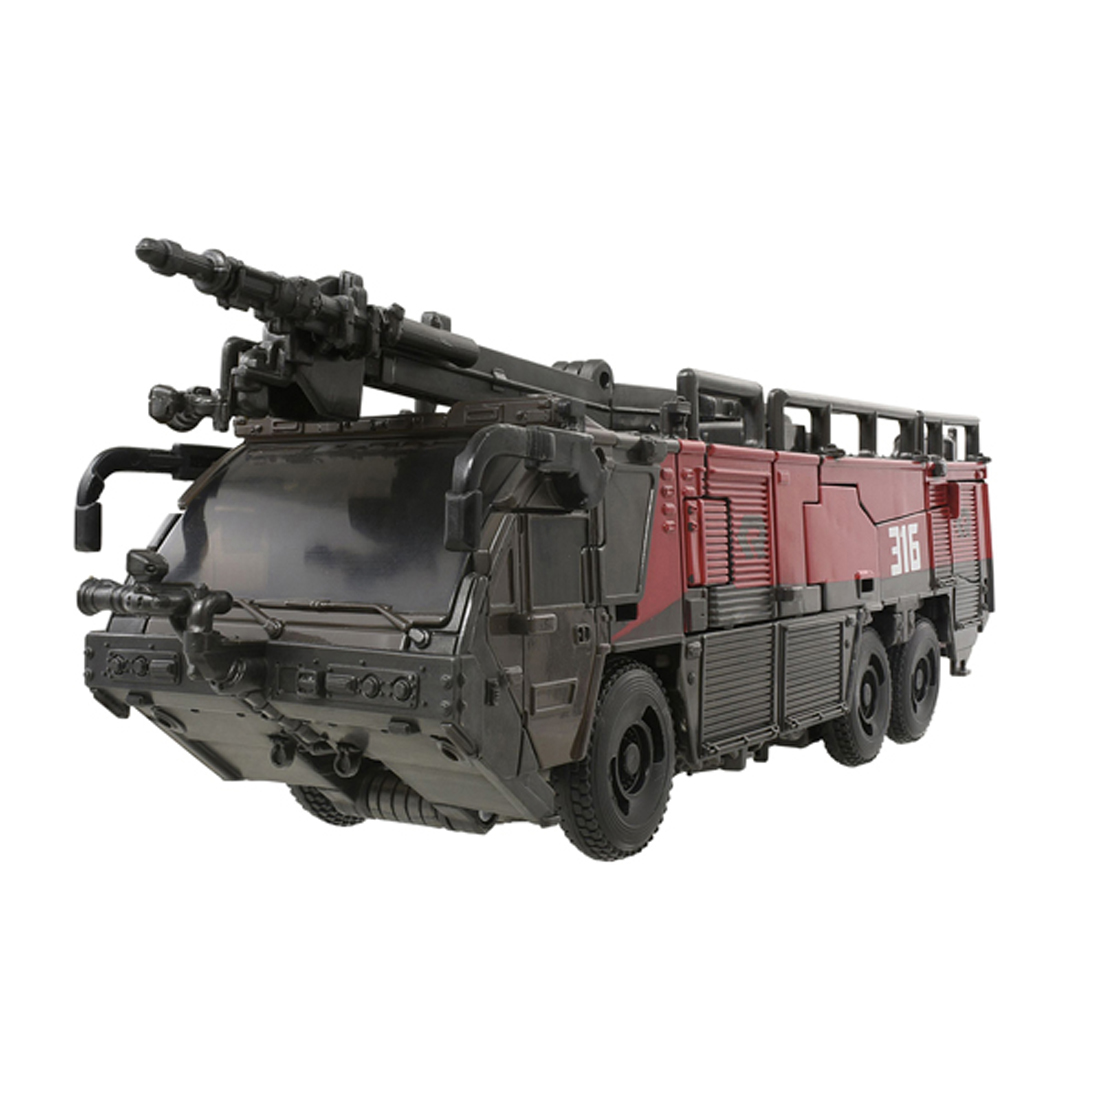 スタジオシリーズ『SS-49 センチネルプライム』トランスフォーマー 可変可動フィギュア-002